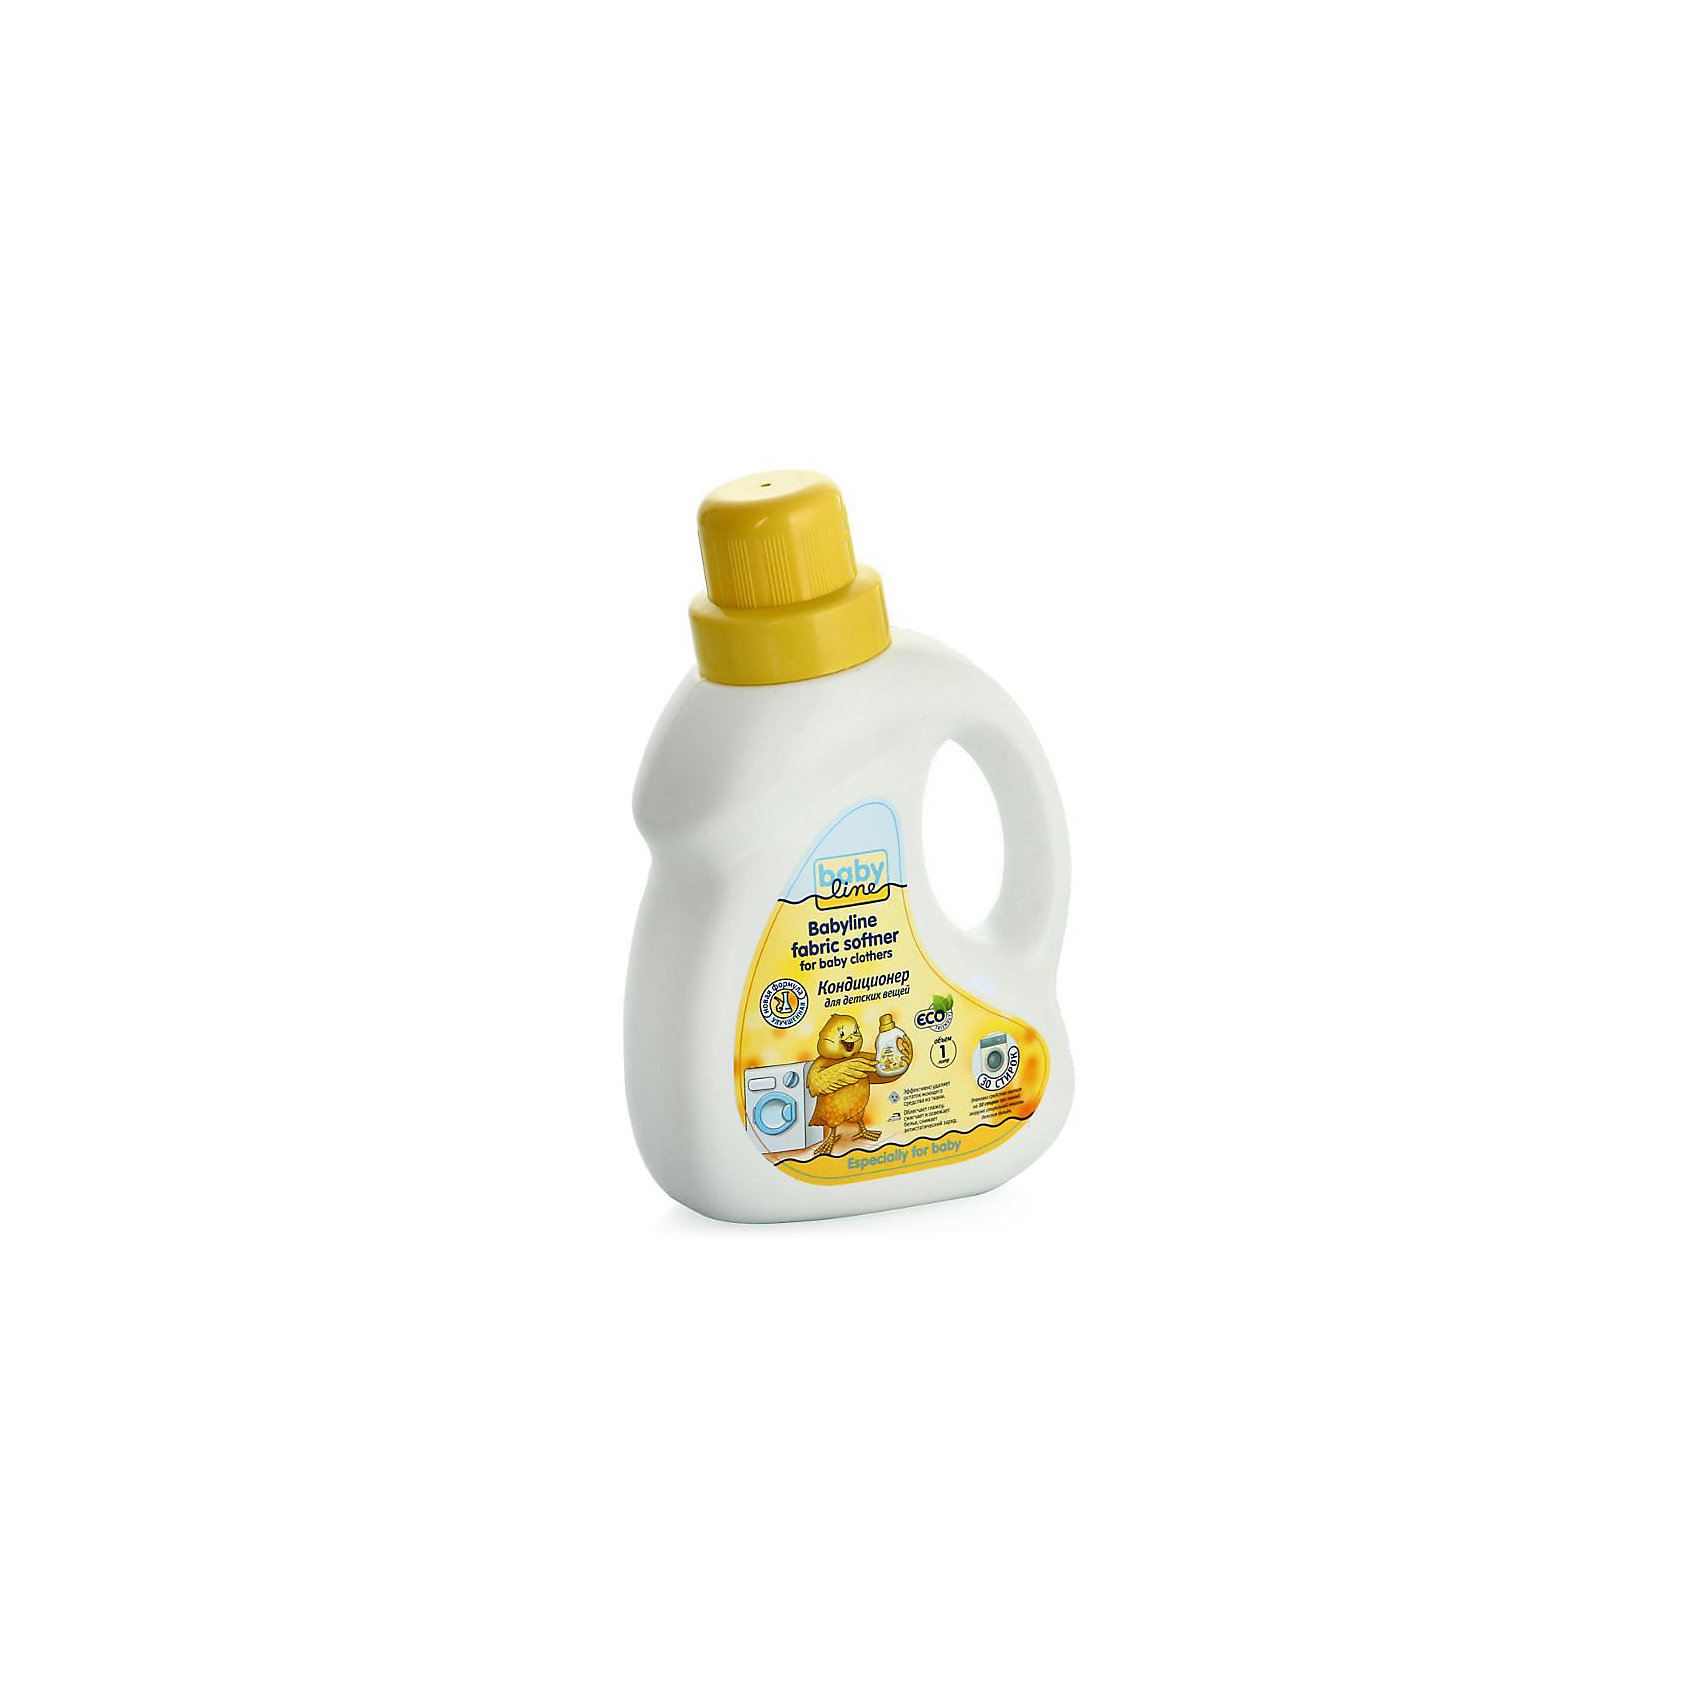 Кондиционер для стирки детских вещей 1 л (30 стирок), BABYLINEБытовая химия<br>Кондиционер для стирки детских вещей BabyLine(Бэби Лайн) подойдет для автоматической и ручной стирки, для всех видов тканей. Кондиционер защищает волокна ткани, удаляет остатки моющего средства и неприятные запахи, обладает антистатическим эффектом и облегчает глажку. Стирка с этим кондиционером обеспечит малышу комфорт при ношении одежды.<br><br>Дополнительная информация:<br>Объем: 1000 мл<br>Возраст: с рождения<br>Хватает на 30 стирок<br><br>Кондиционер для стирки детских вещей BabyLine(Бэби Лайн) вы можете купить в нашем интернет-магазине.<br><br>Ширина мм: 146<br>Глубина мм: 76<br>Высота мм: 235<br>Вес г: 1180<br>Возраст от месяцев: 0<br>Возраст до месяцев: 36<br>Пол: Унисекс<br>Возраст: Детский<br>SKU: 5007655